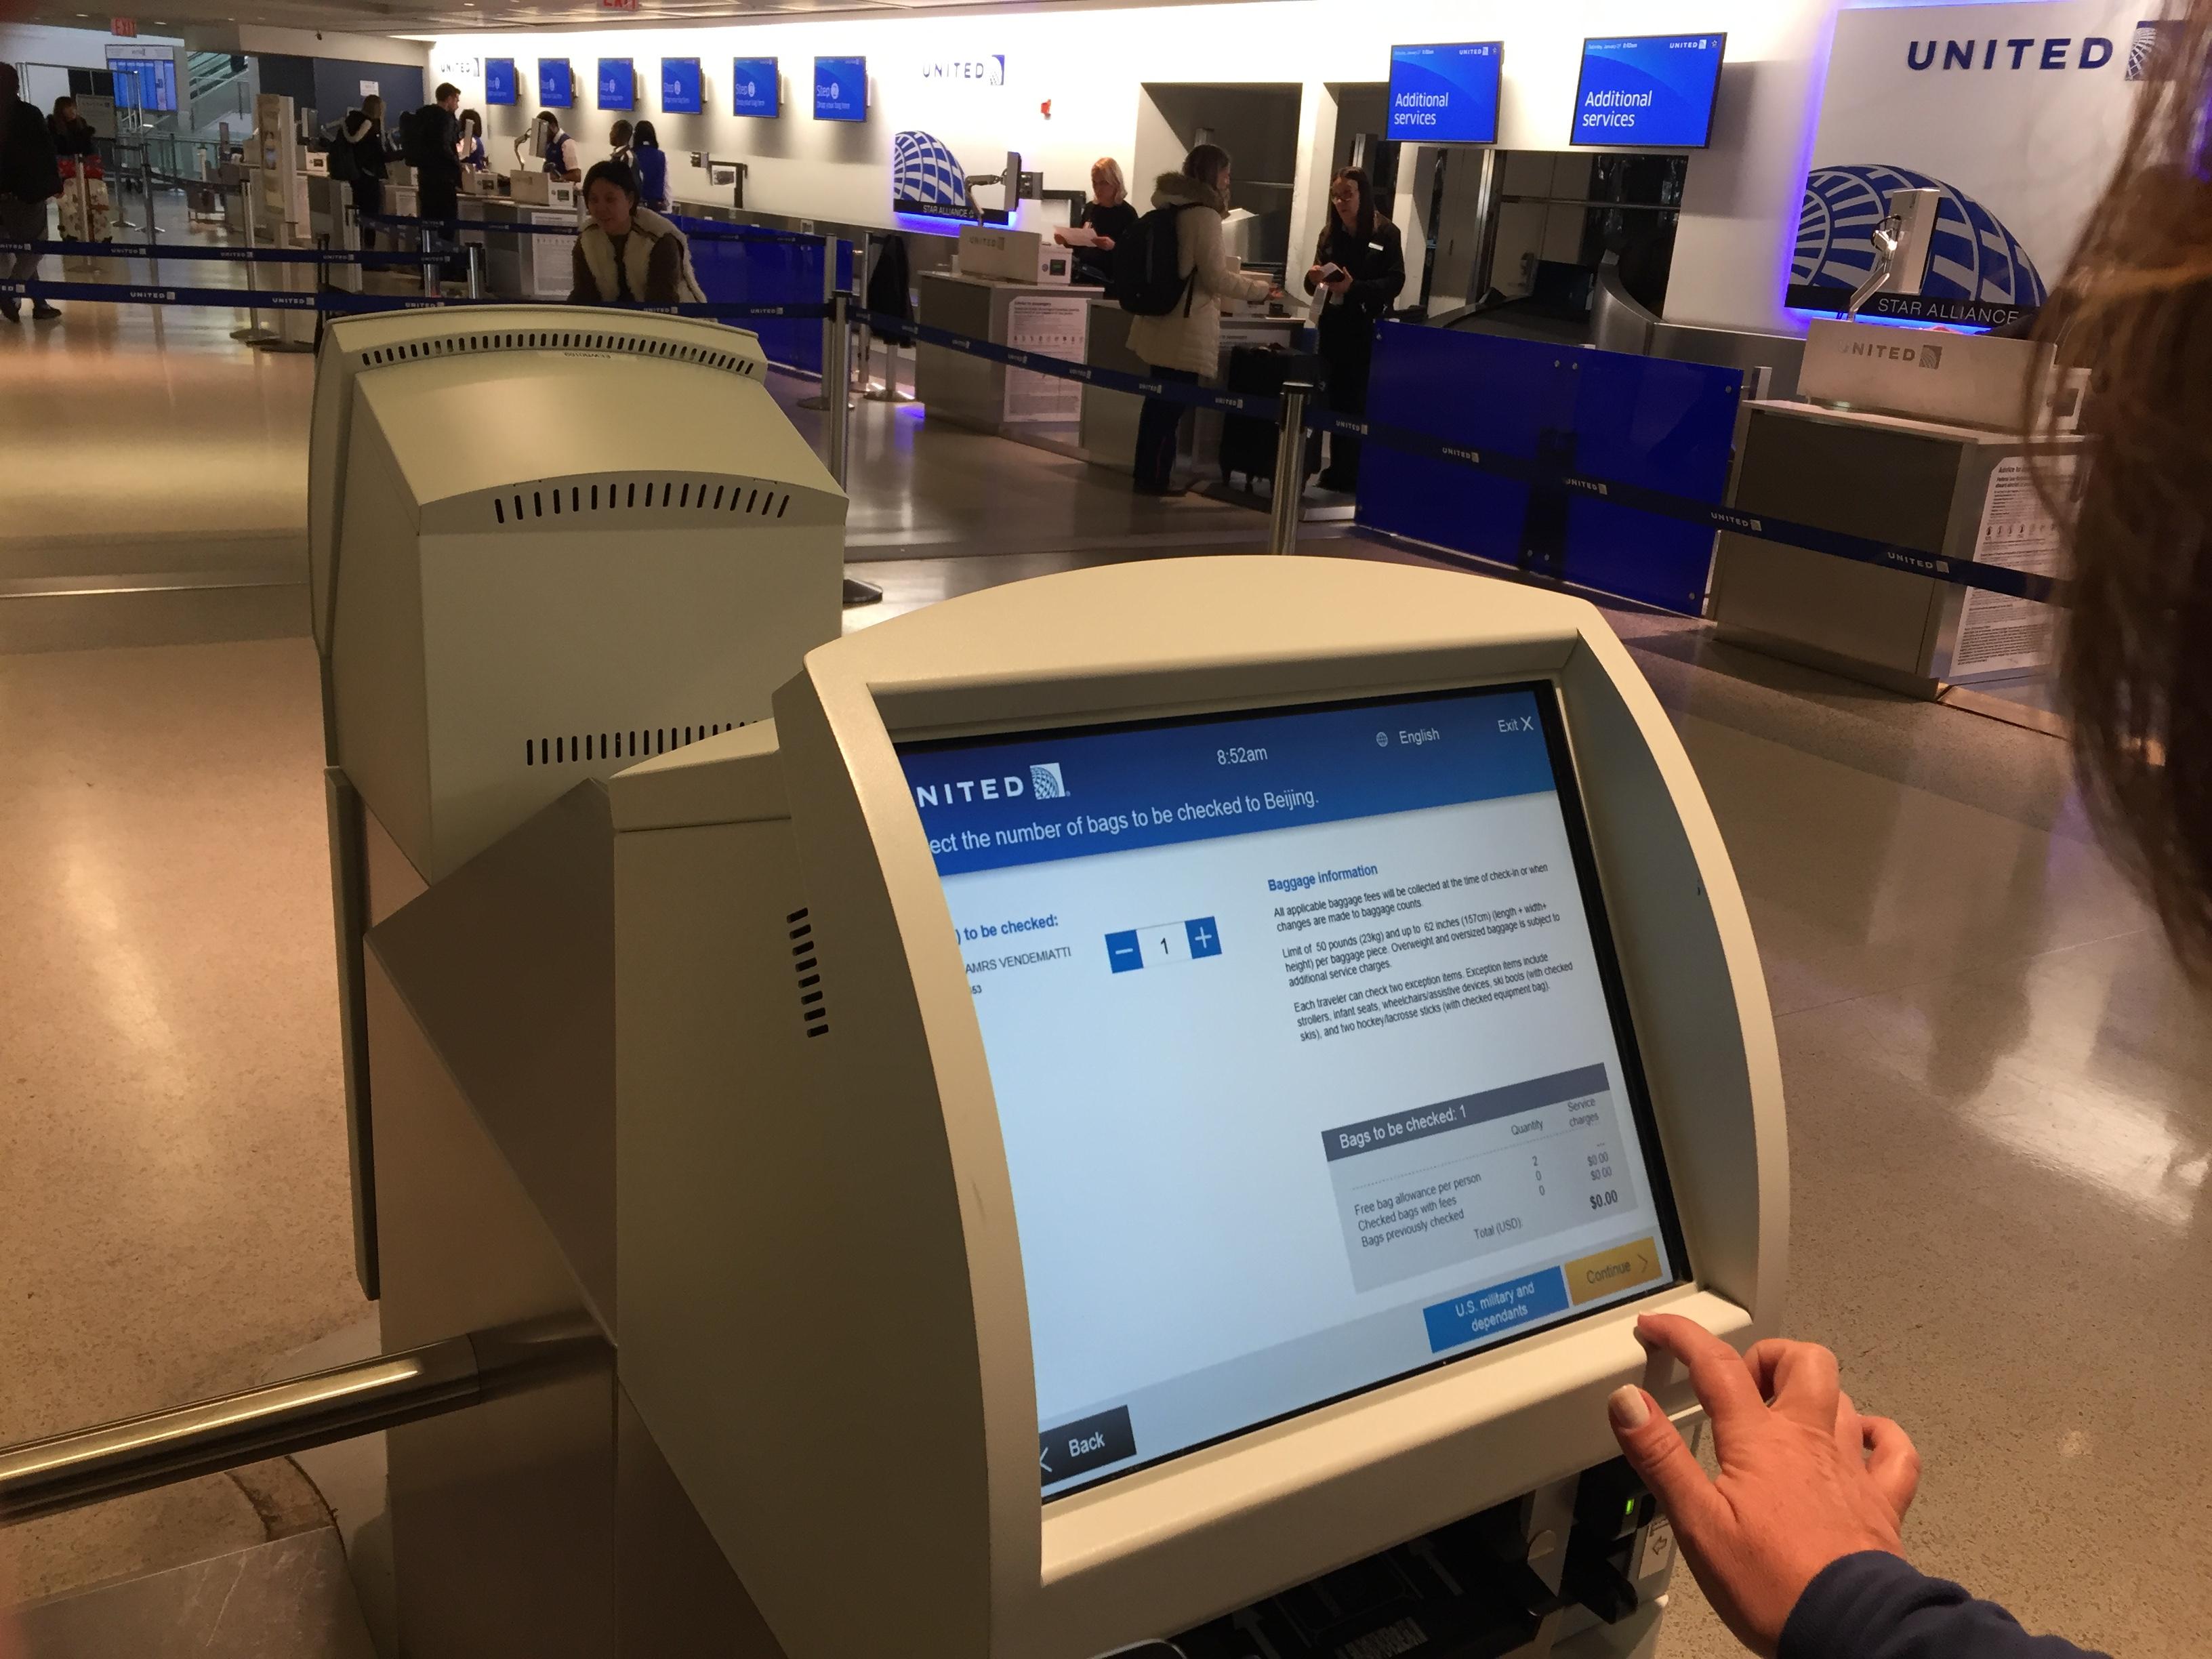 IMG 3574 - Haciendo el check in automático de United en Newark